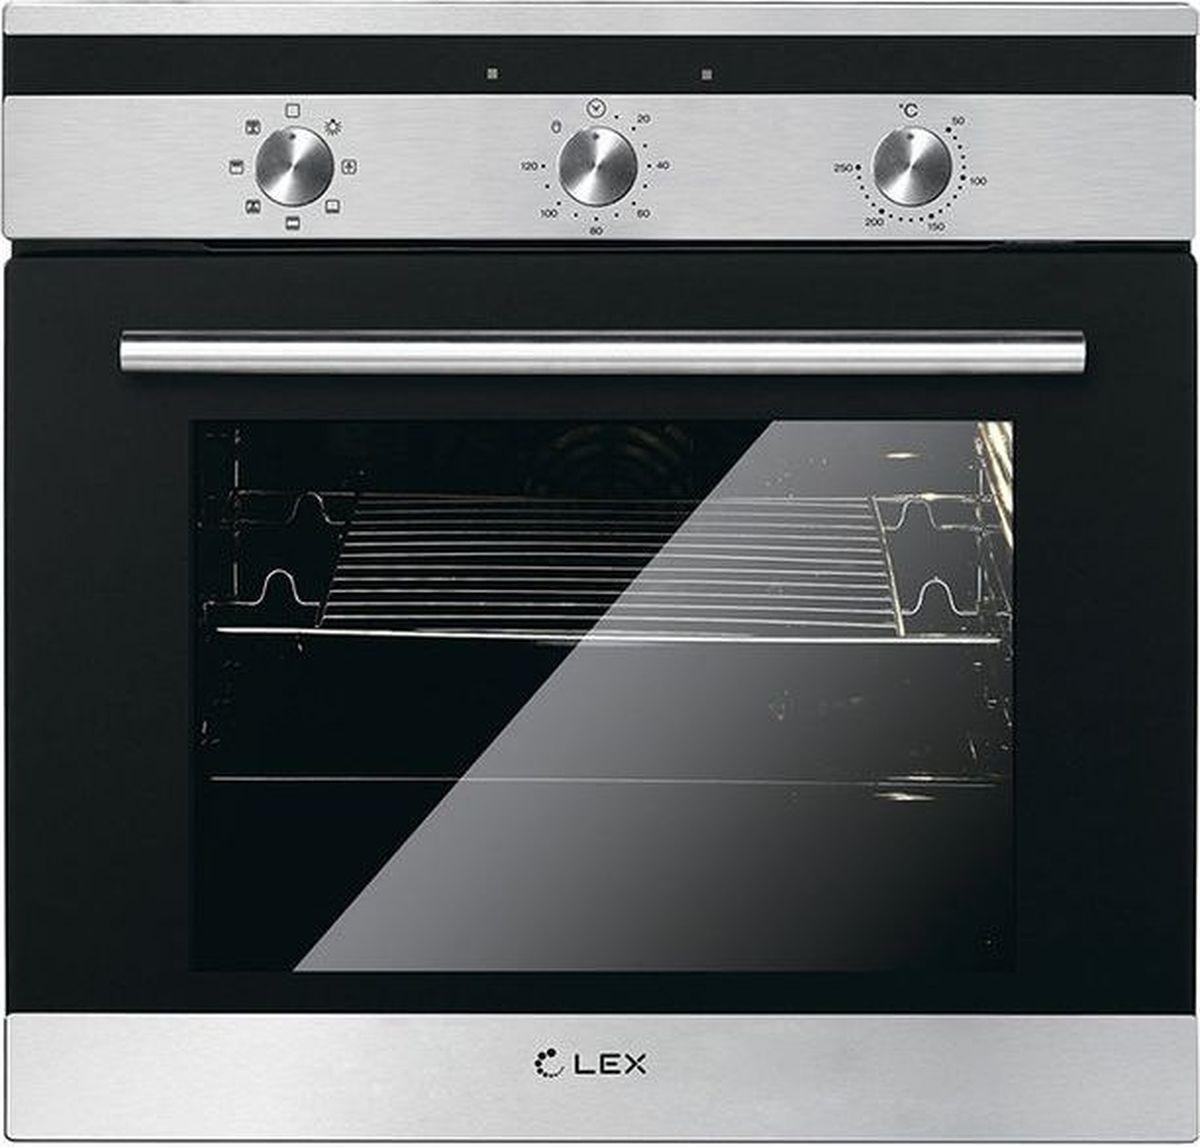 цена на Духовой шкаф Lex EDM 070 BL, стекло черное